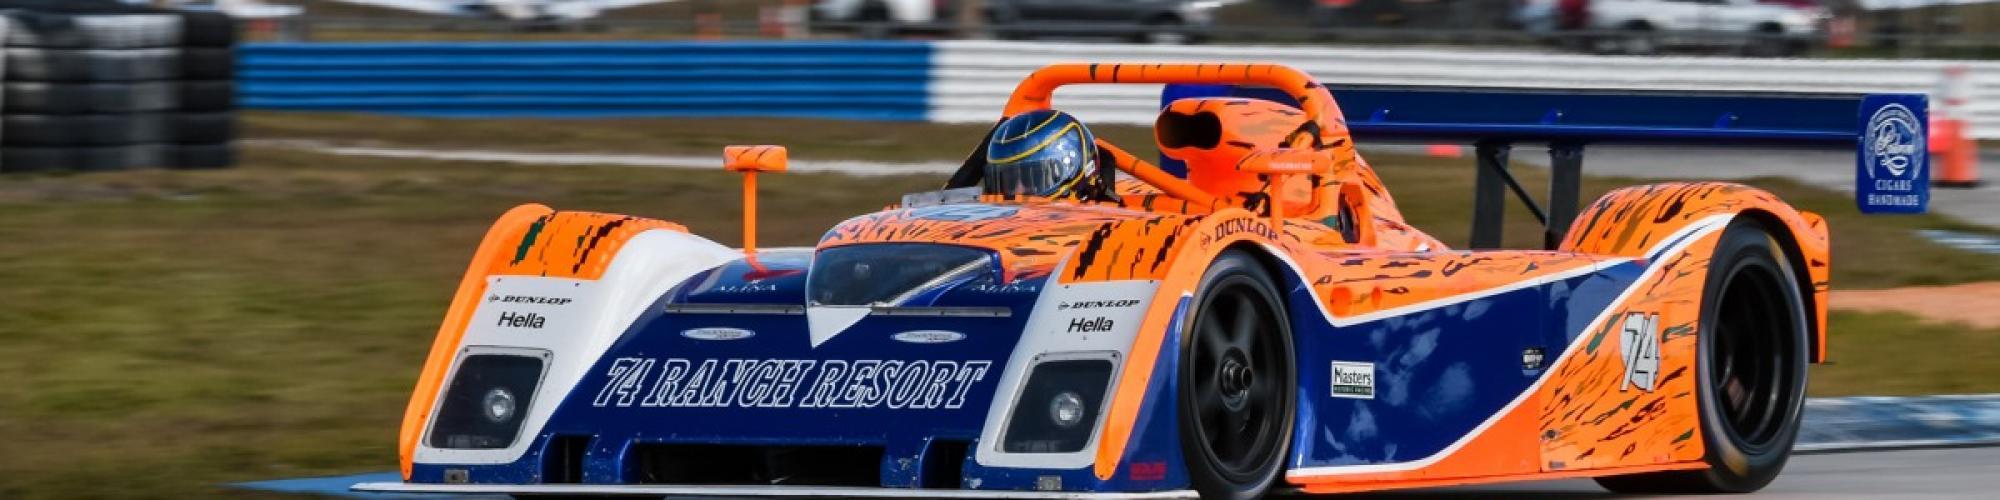 Greensall Motorsport Ltd